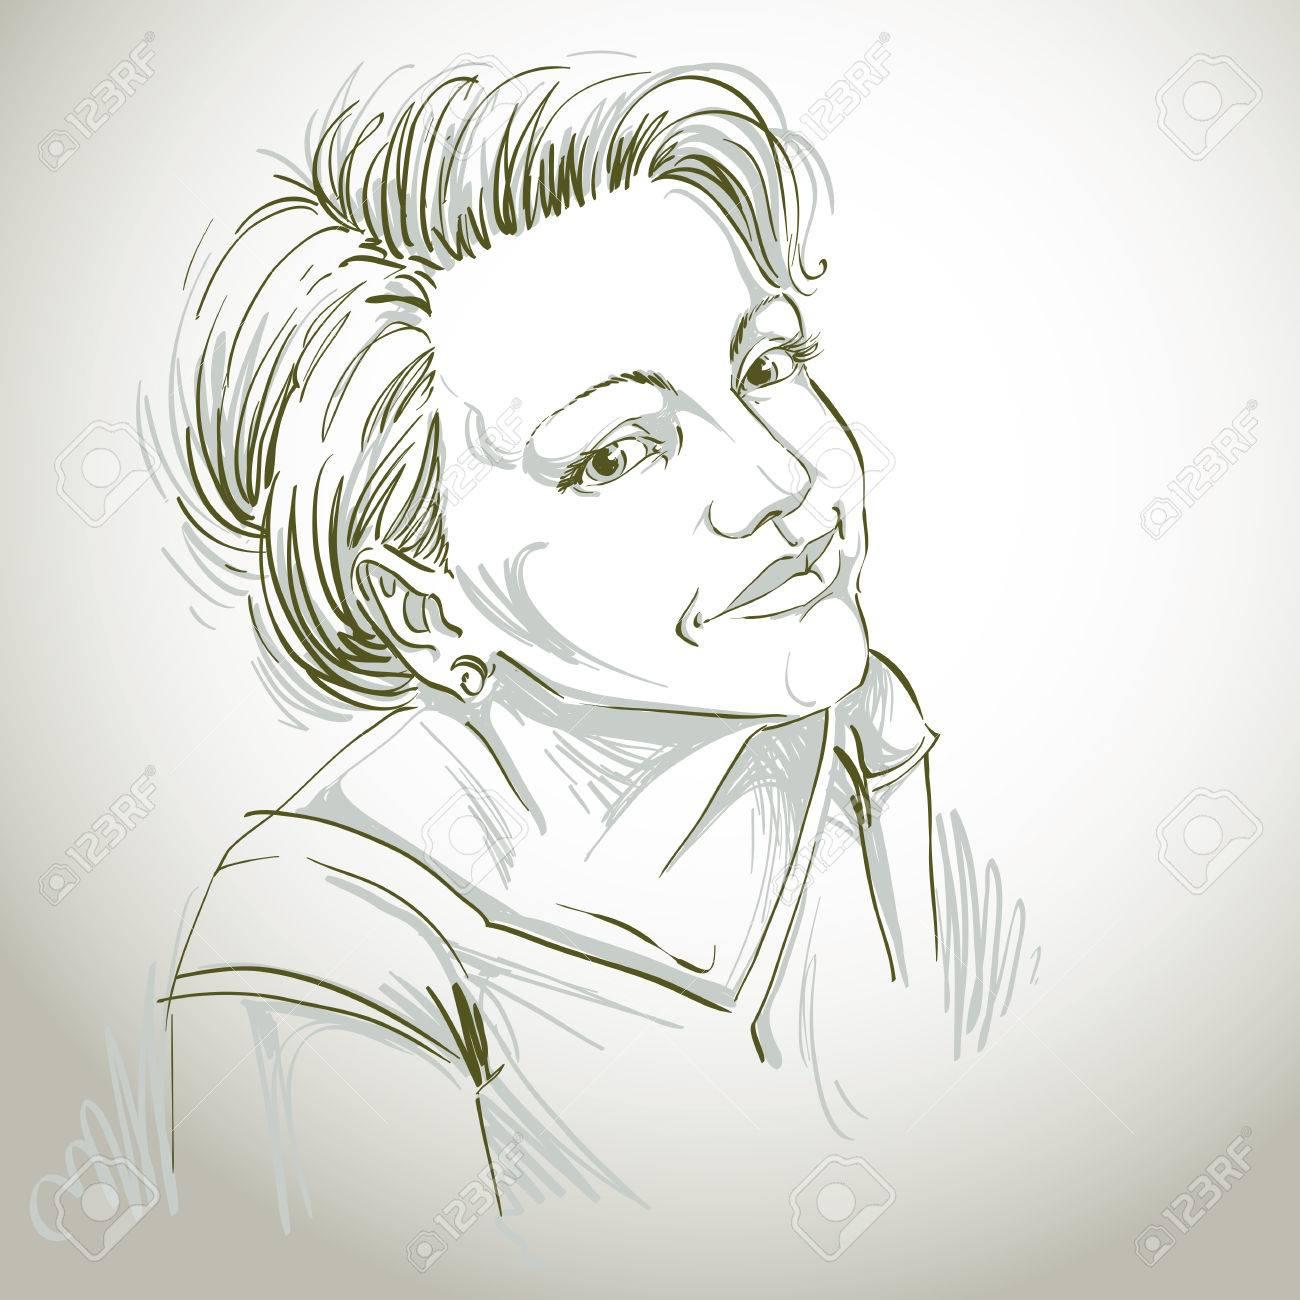 Dessin D Art Vectoriel Portrait De Magnifique Fille Heureuse Isolée Sur Blanc Les Expressions Faciales Les Gens Des émotions Positives